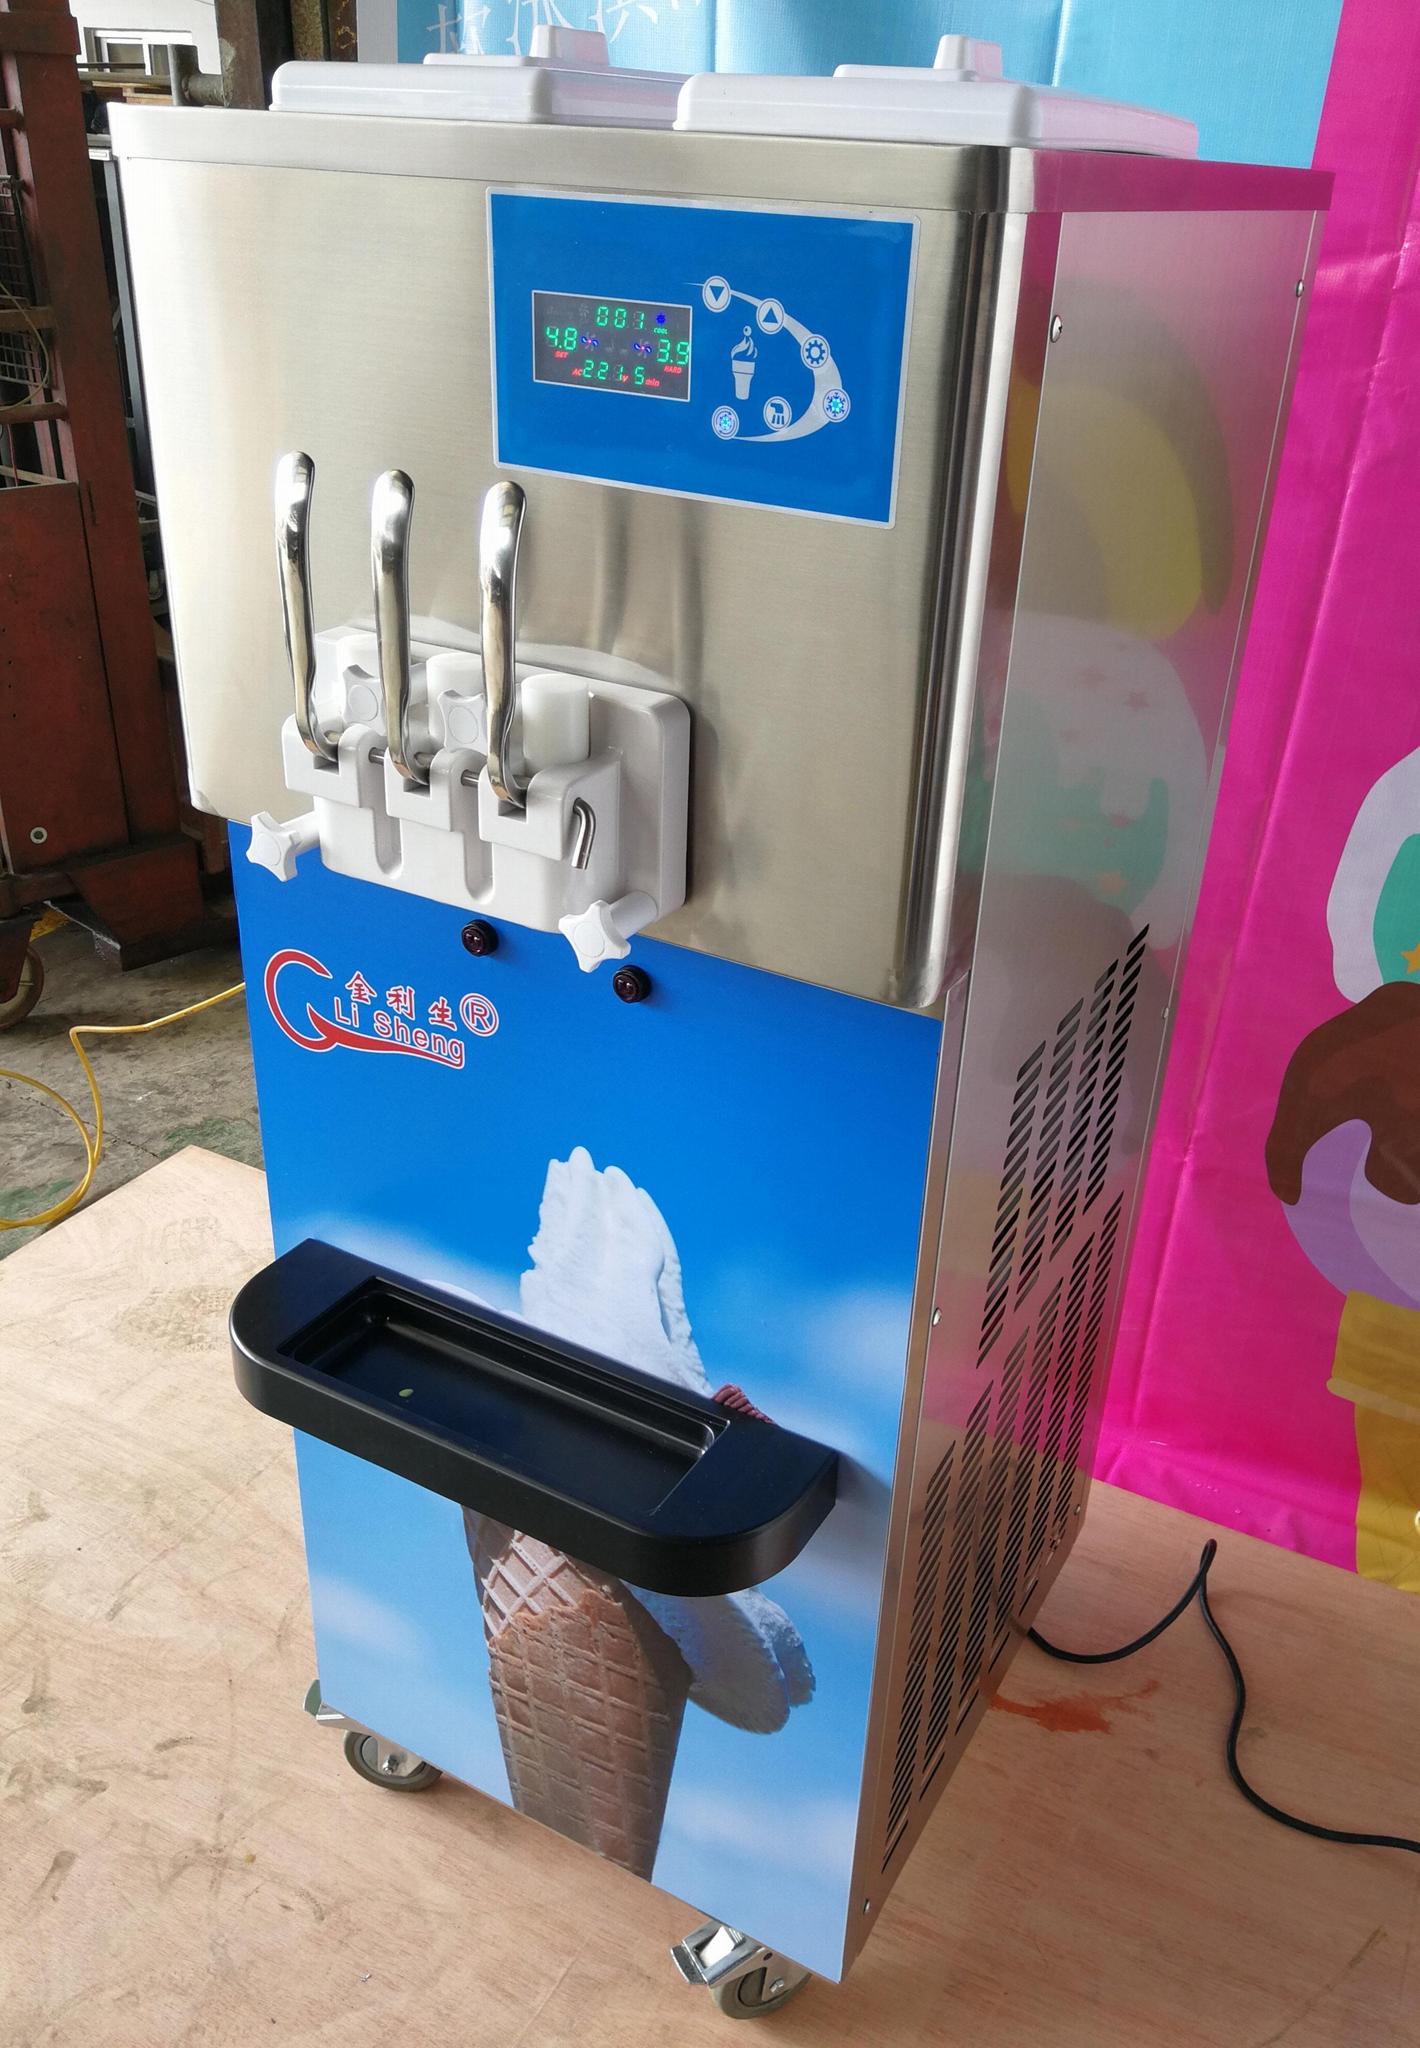 金利生軟冰淇淋機 商用軟冰激凌機 立式甜筒雪糕機 3